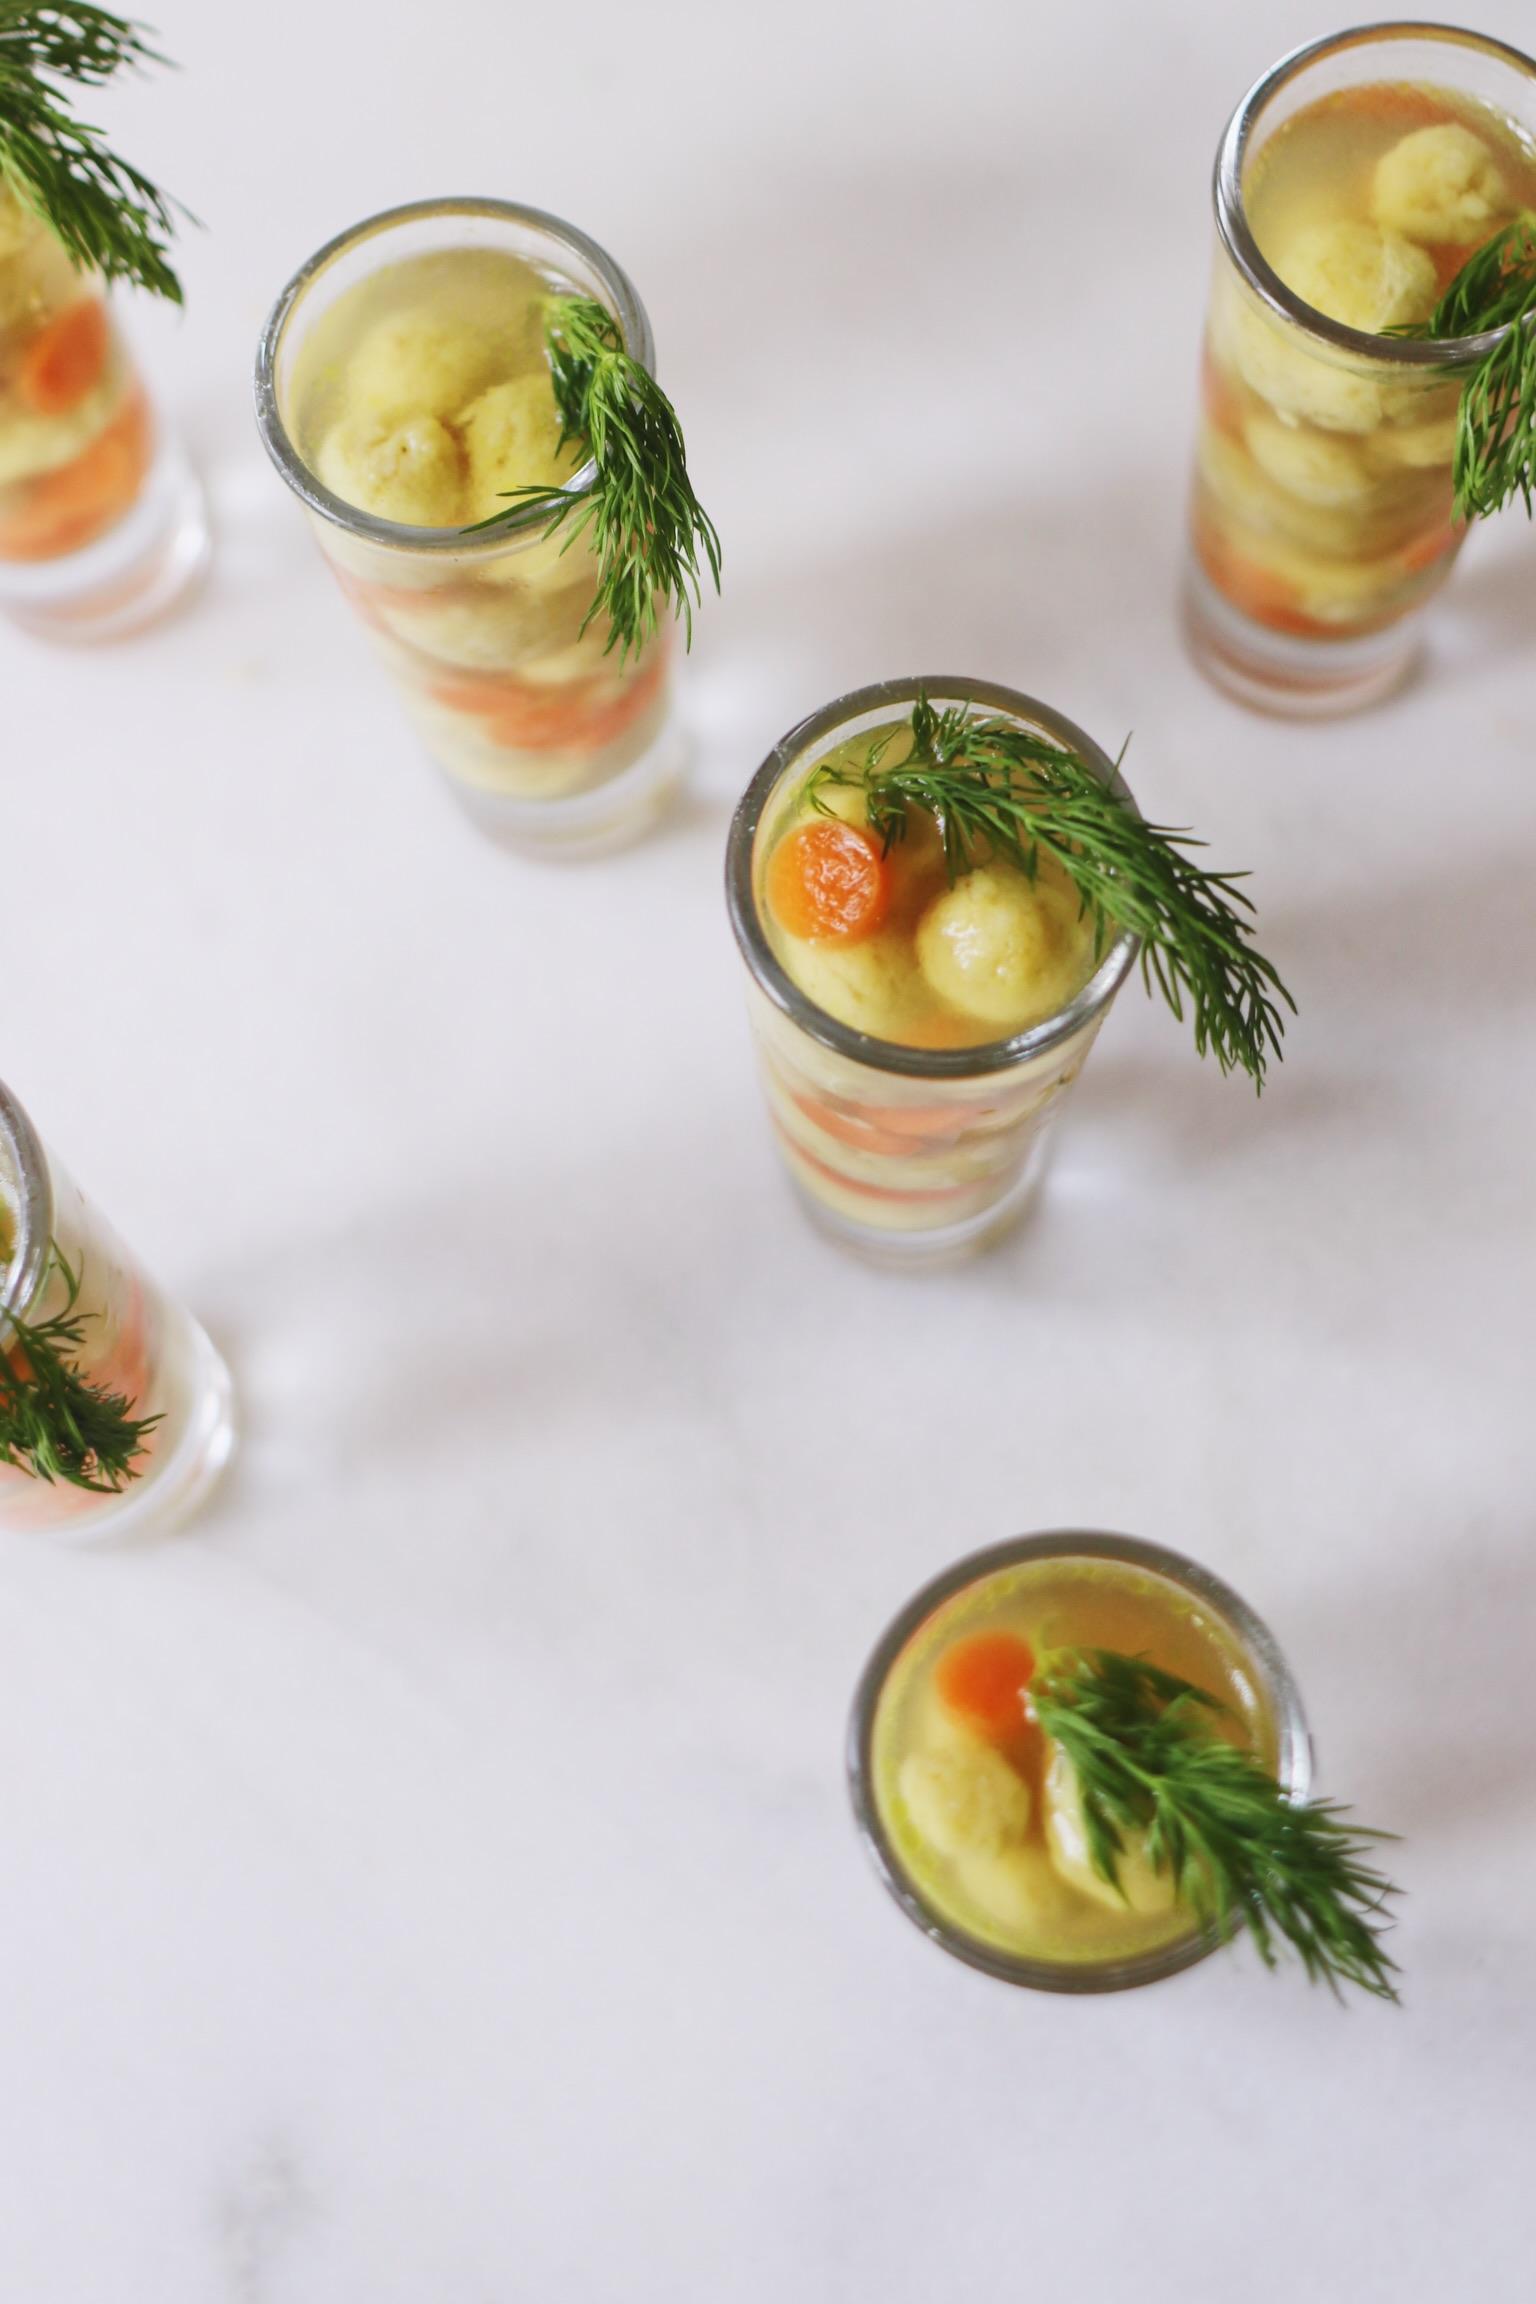 passover-appetizers-matzah-ball-soup-recipe-61.jpeg